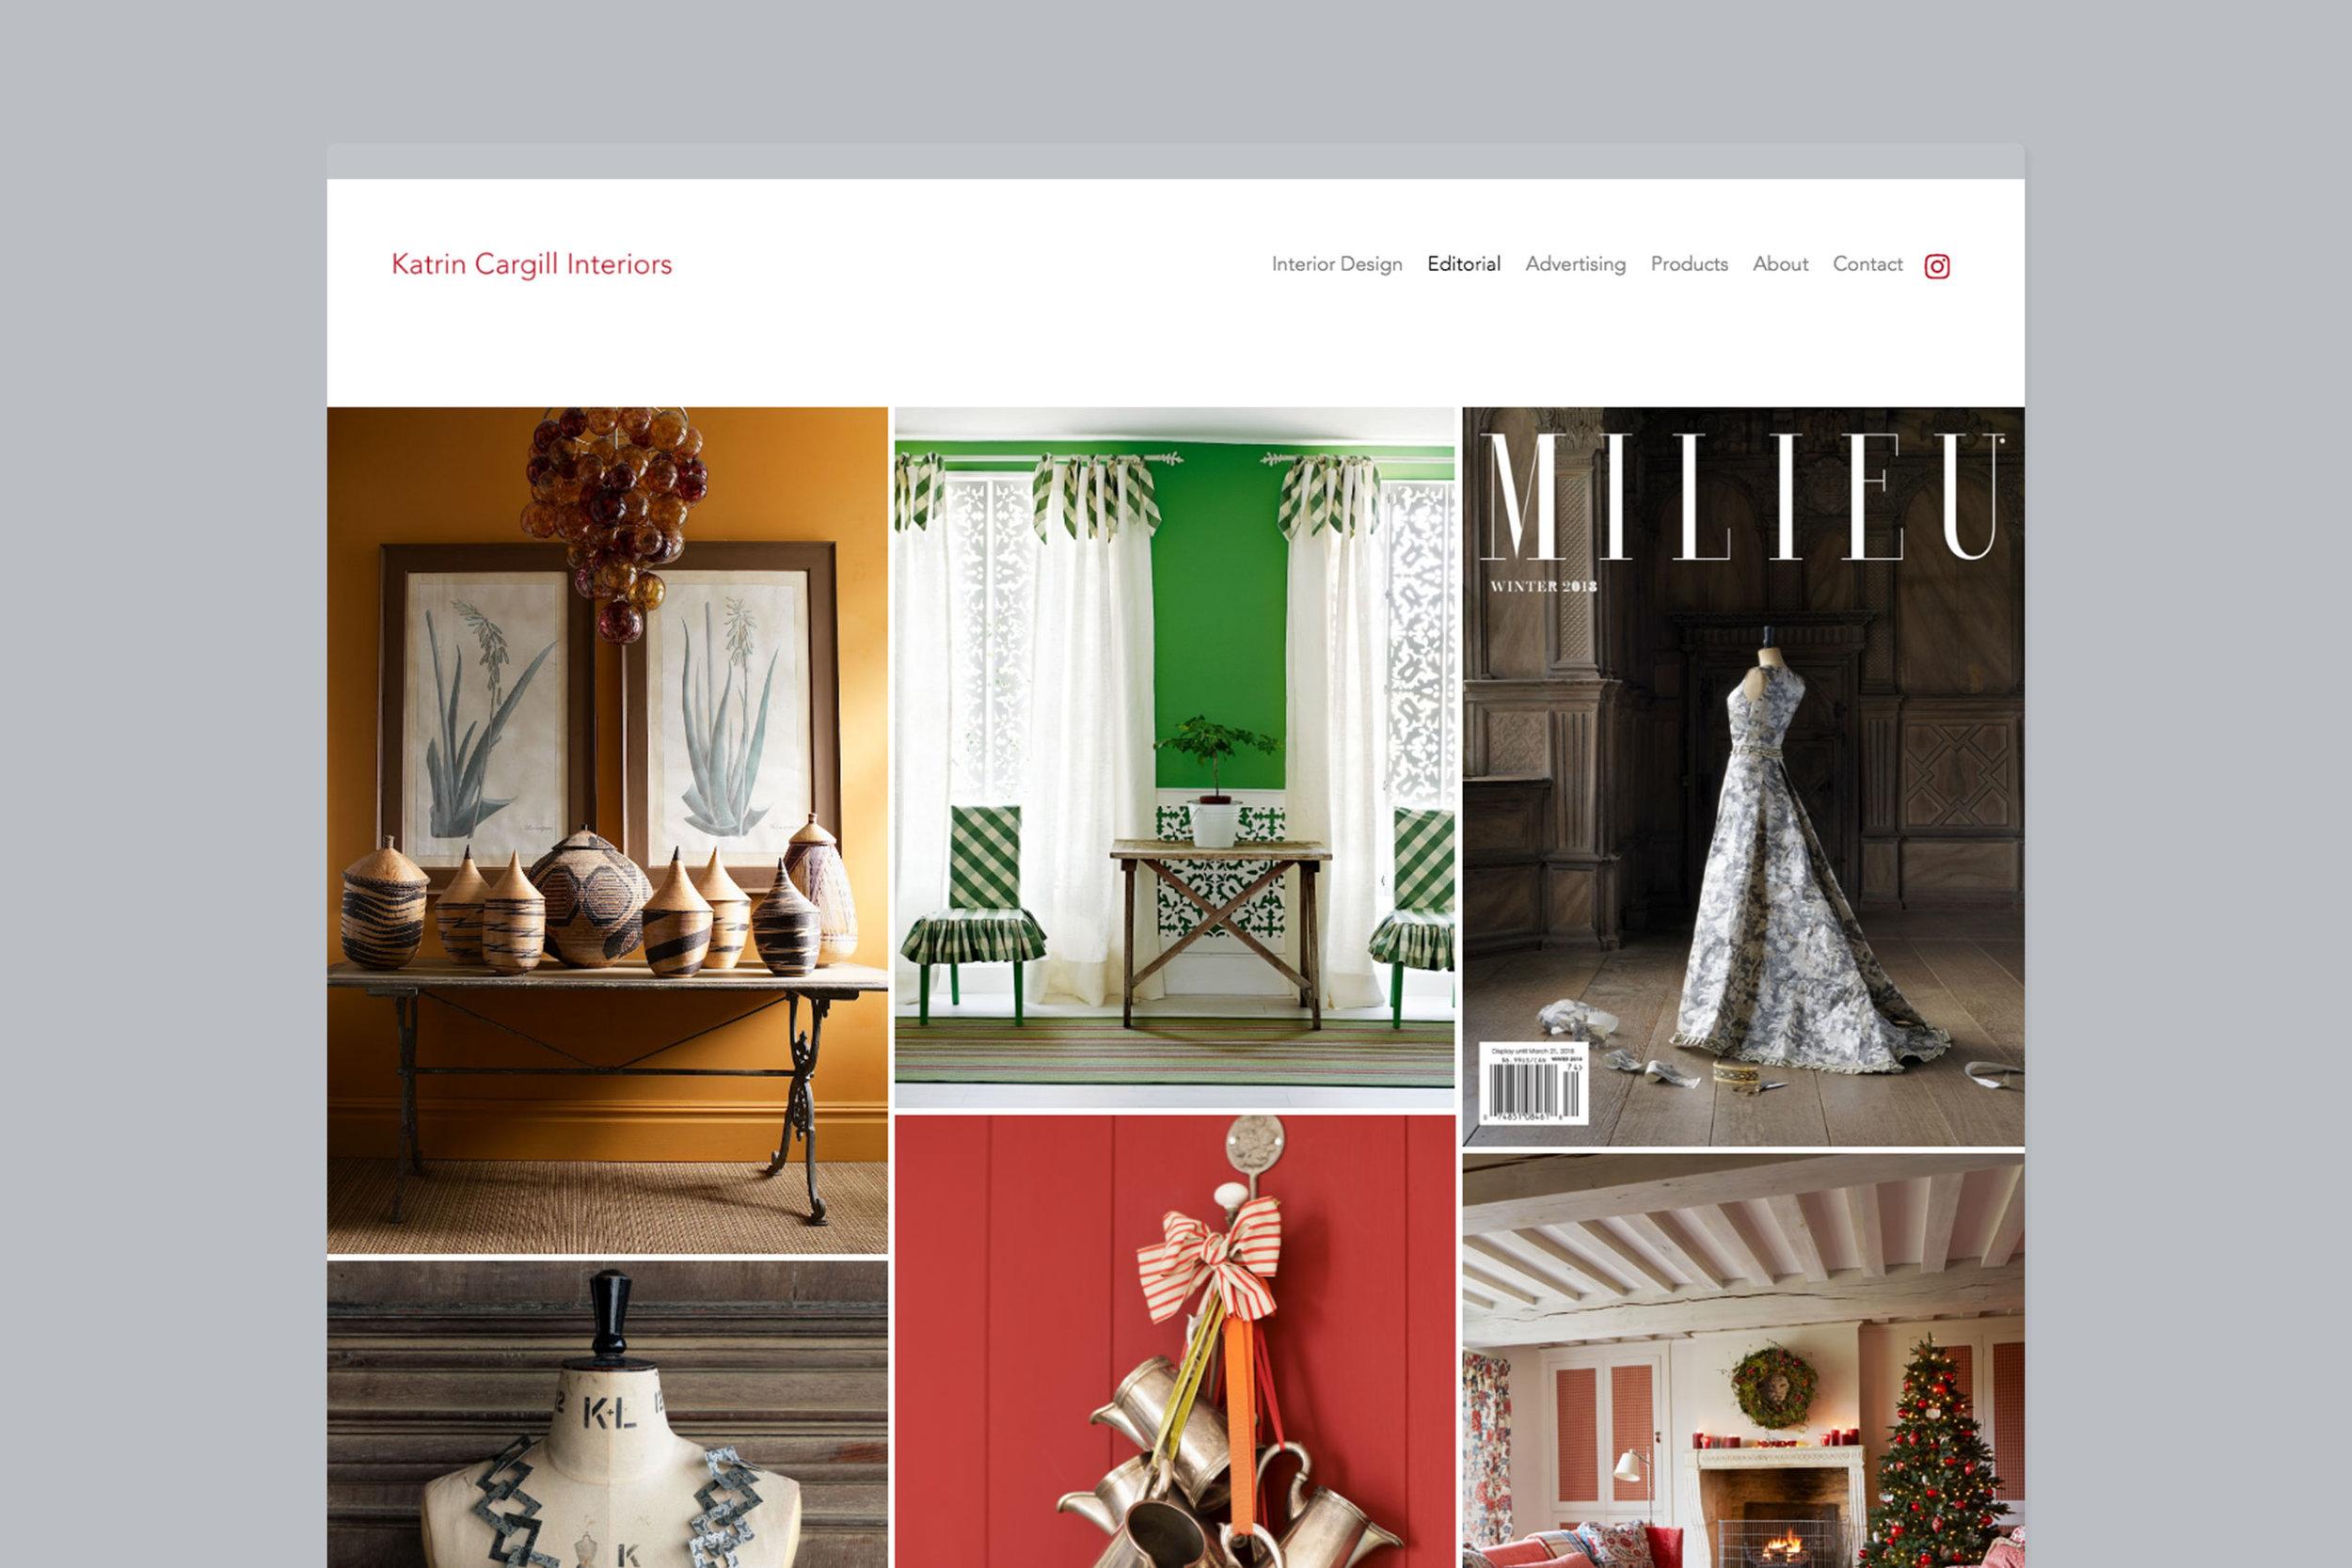 Modern bespoke web design for Katrin Cargill Interiors